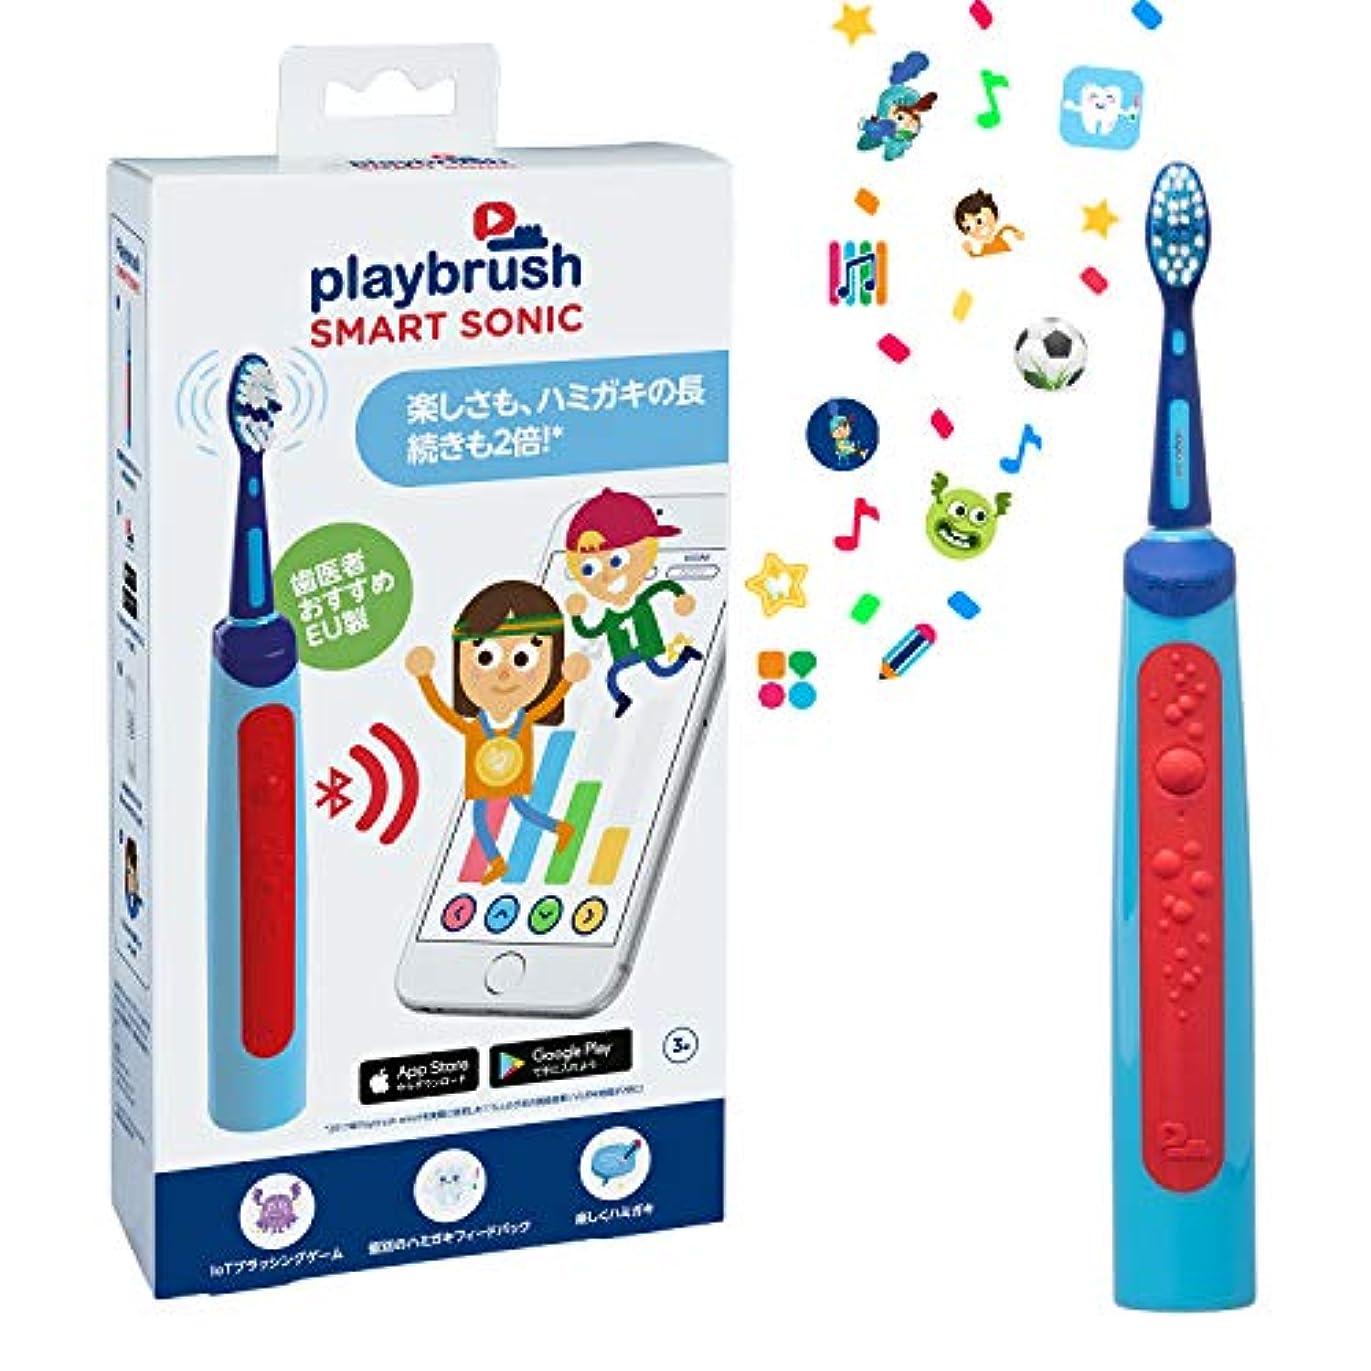 【ヨーロッパで開発されたゲームができる子供用歯ブラシ】プレイブラッシュ スマート ソニック Playbrush Smart Sonic 子供用電動歯ブラシ 子供用